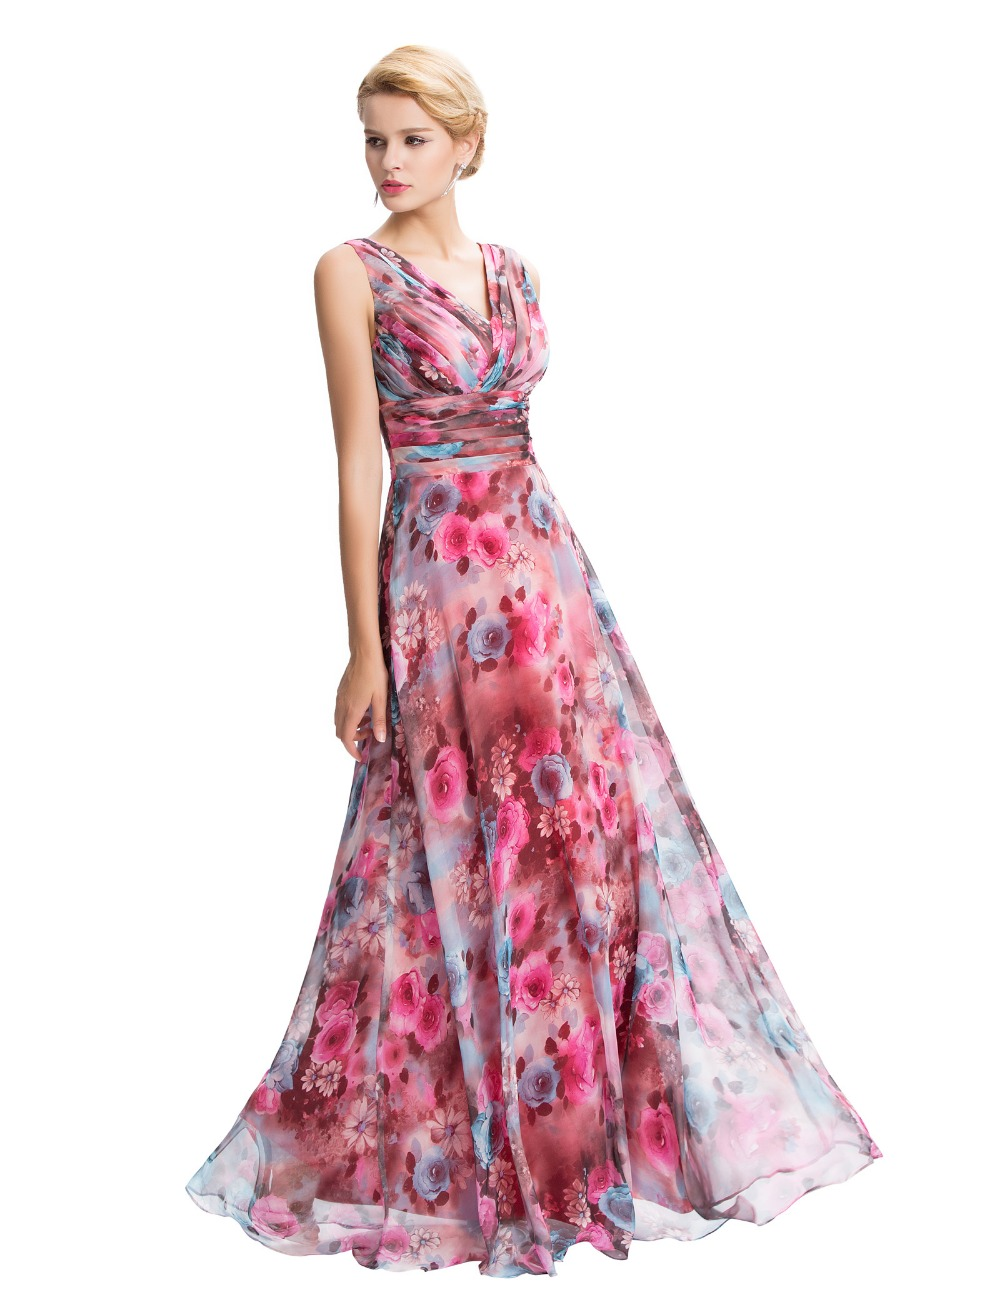 Moderno Baile Vestidos Largos Florales Bosquejo - Colección de ...